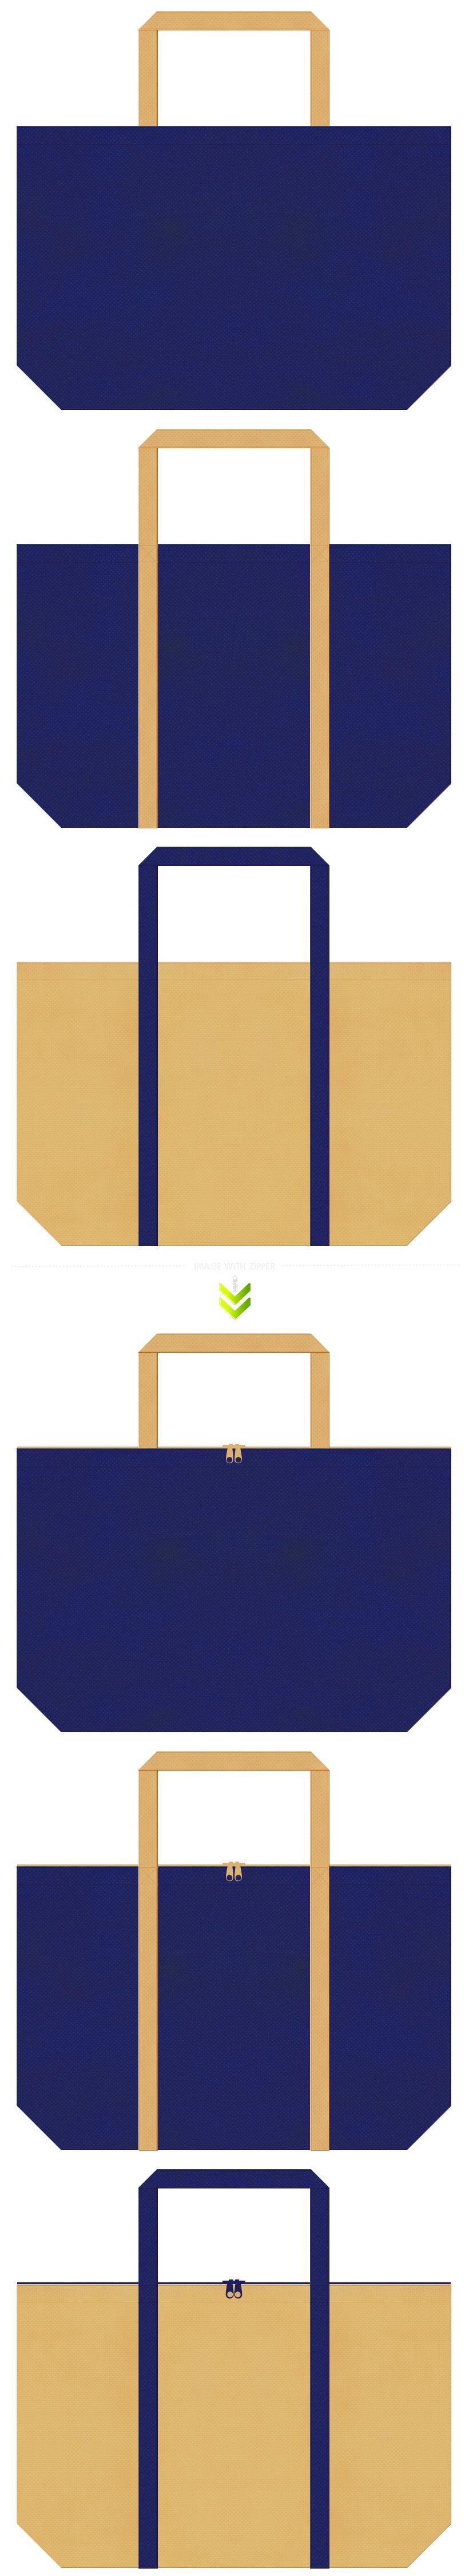 明るい紺色と薄黄土色の不織布ショッピングバッグのデザイン